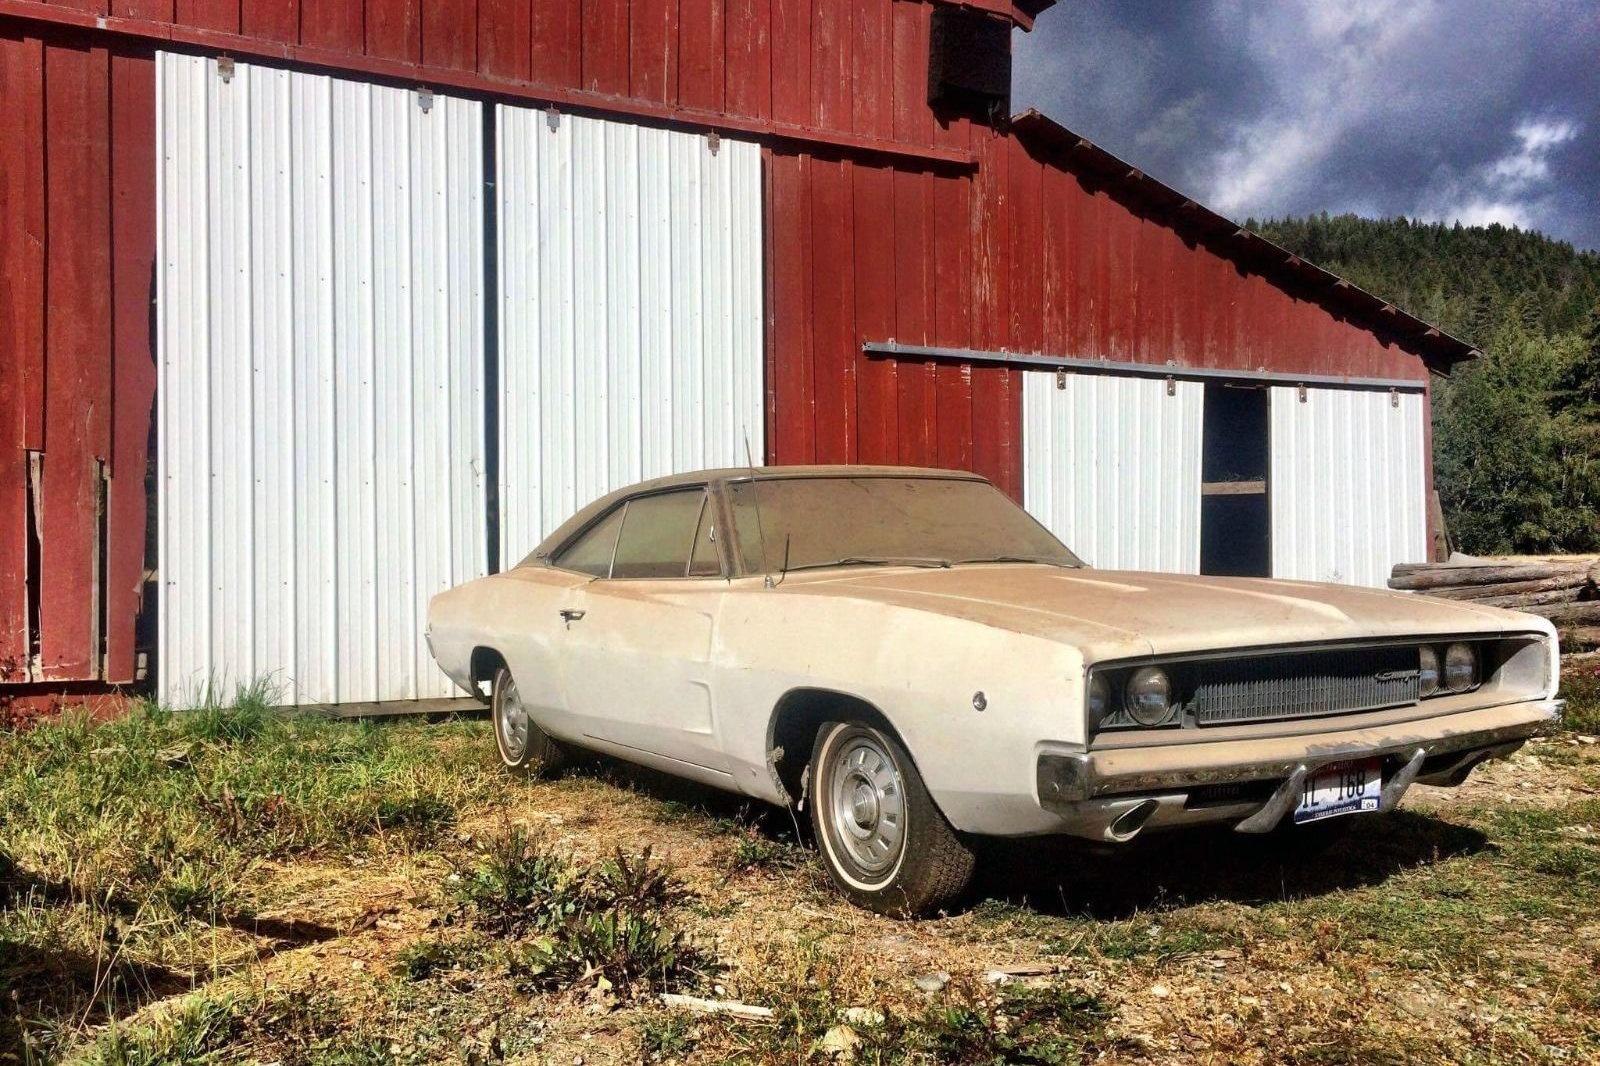 Dodge Charger List >> Barn Fresh Mopar: 1968 Dodge Charger